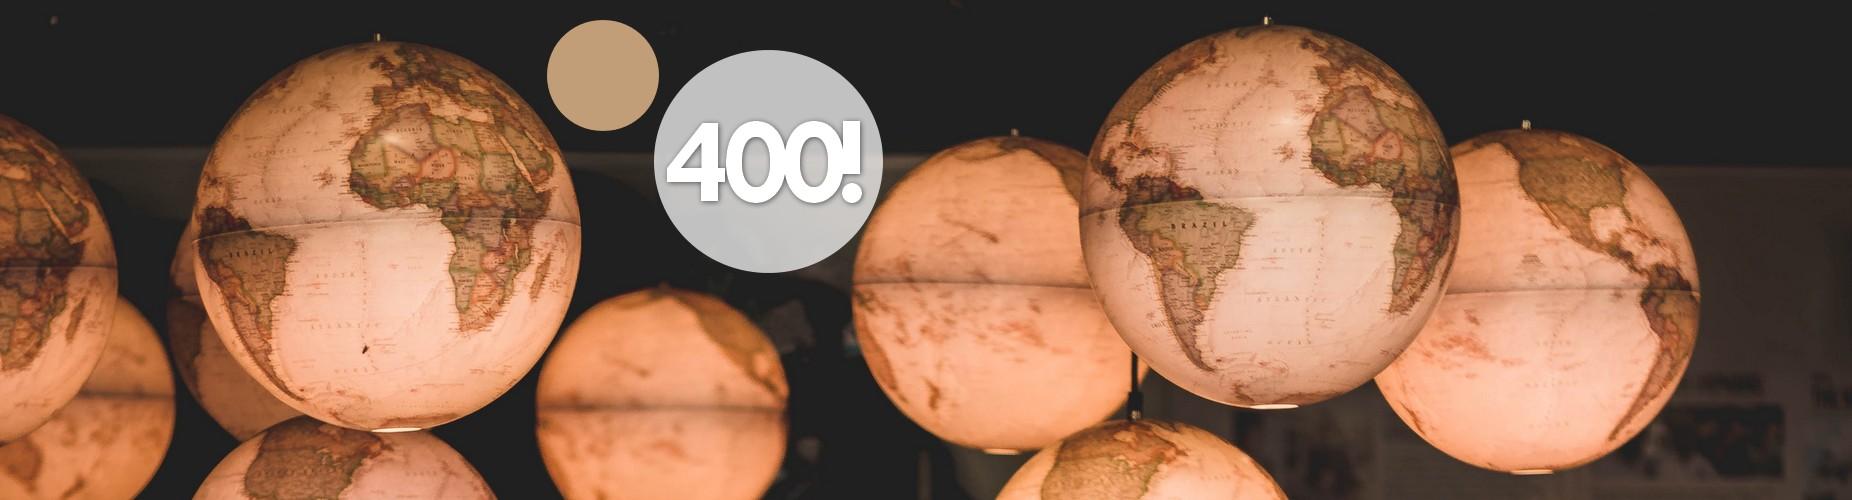 400 sur l'Urbamap